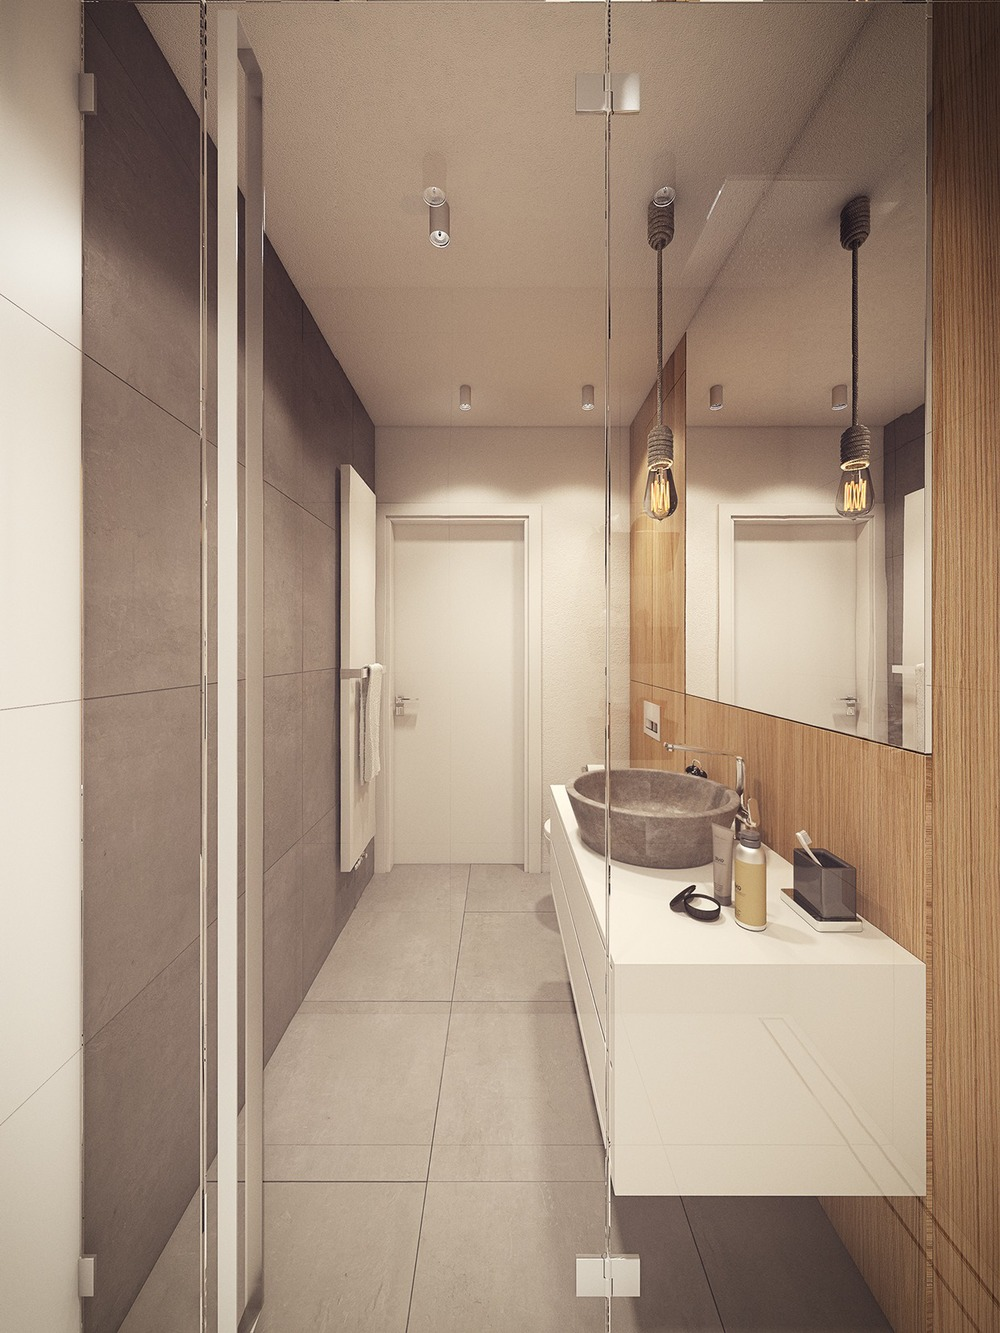 slate-and-wood-bath.jpg